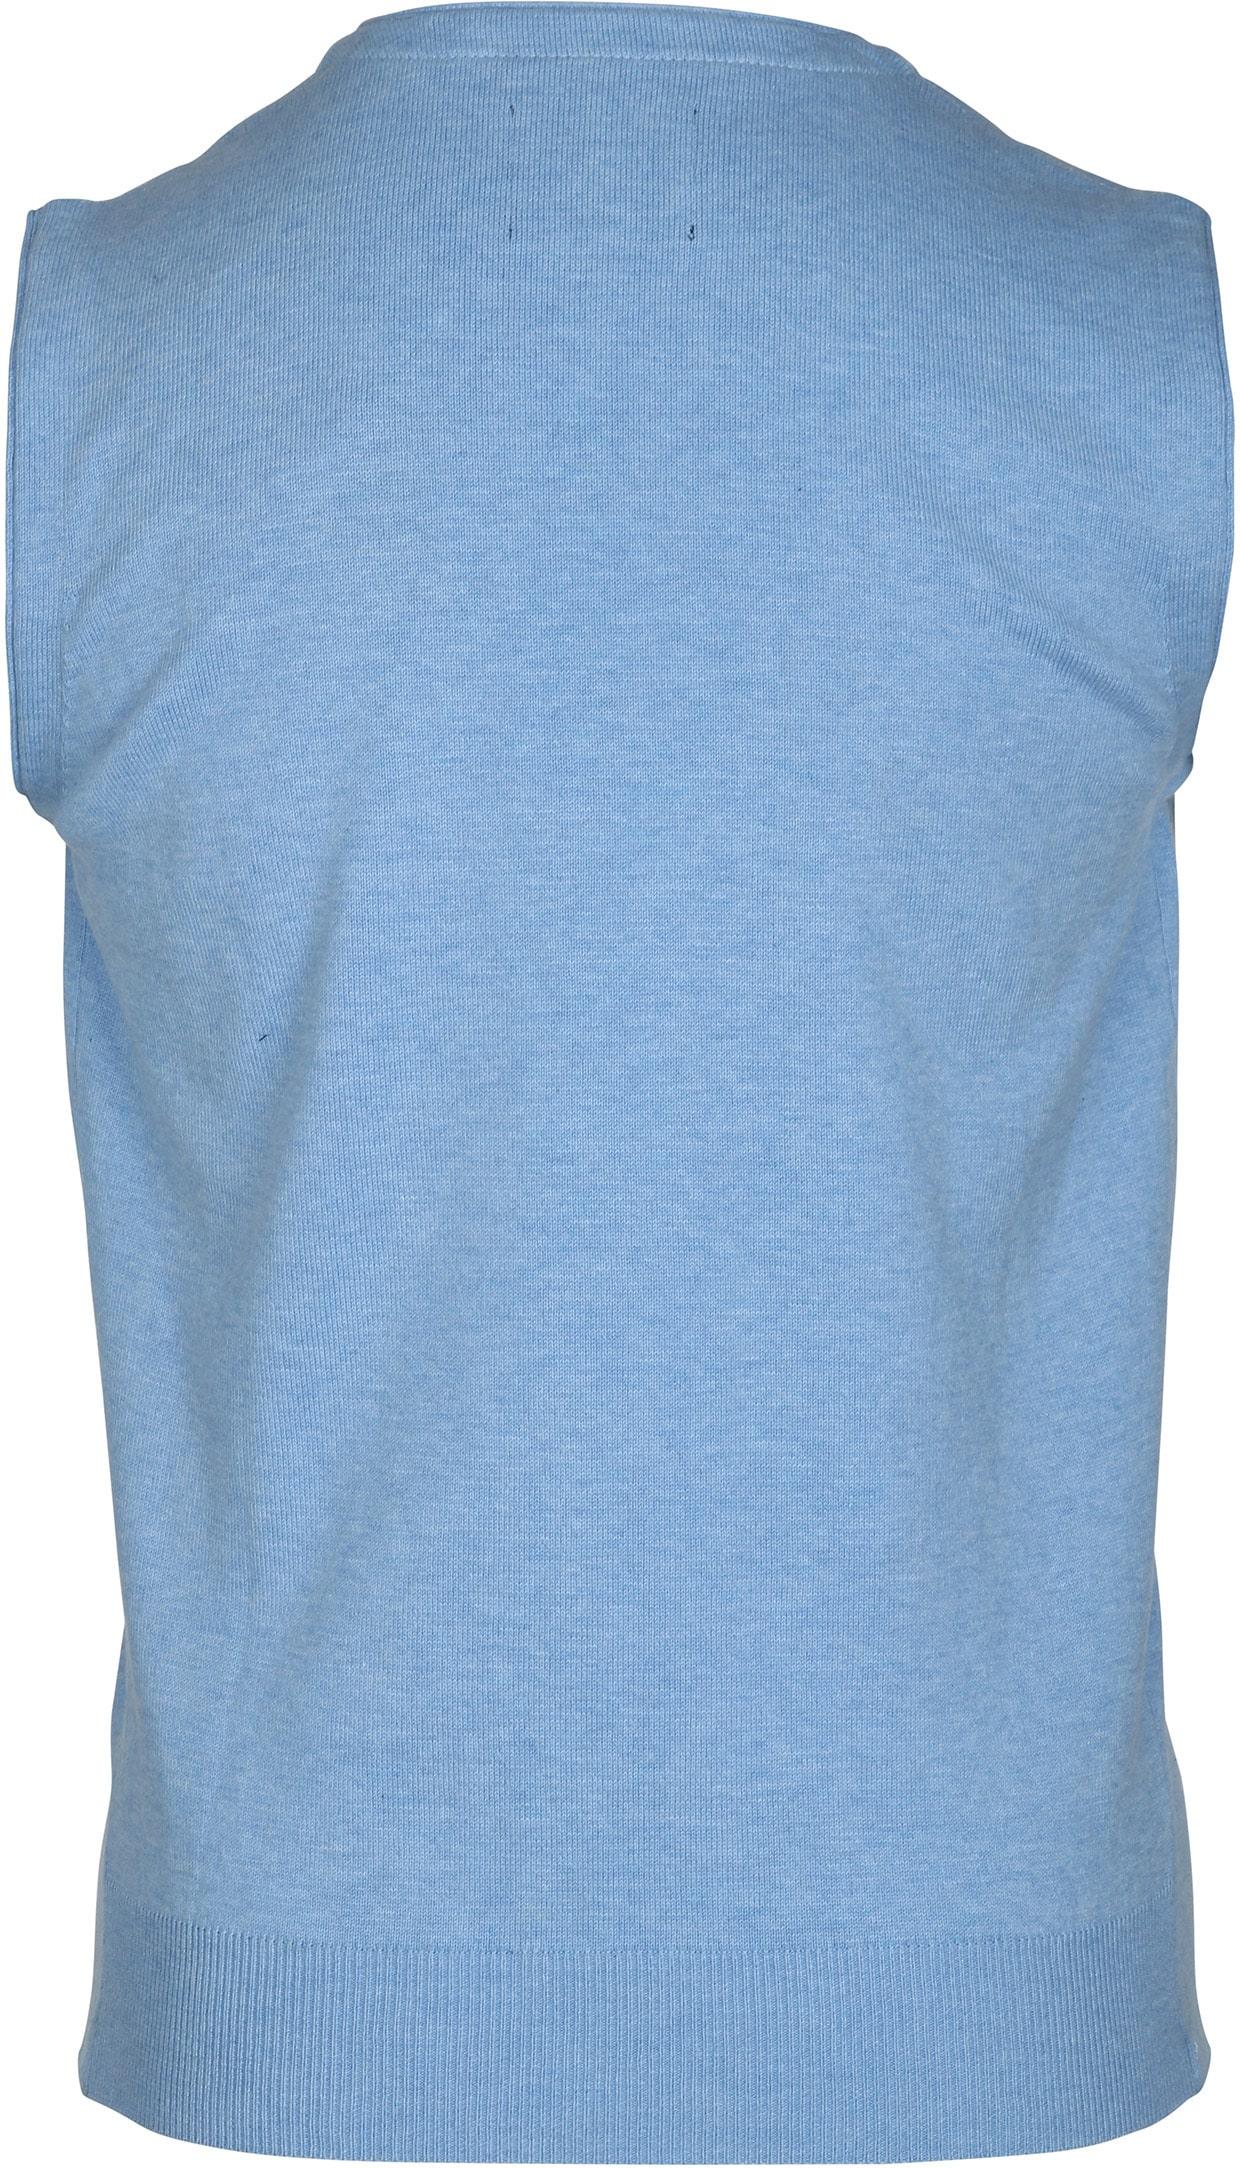 Suitable Gilet Cotton Light Blue foto 2